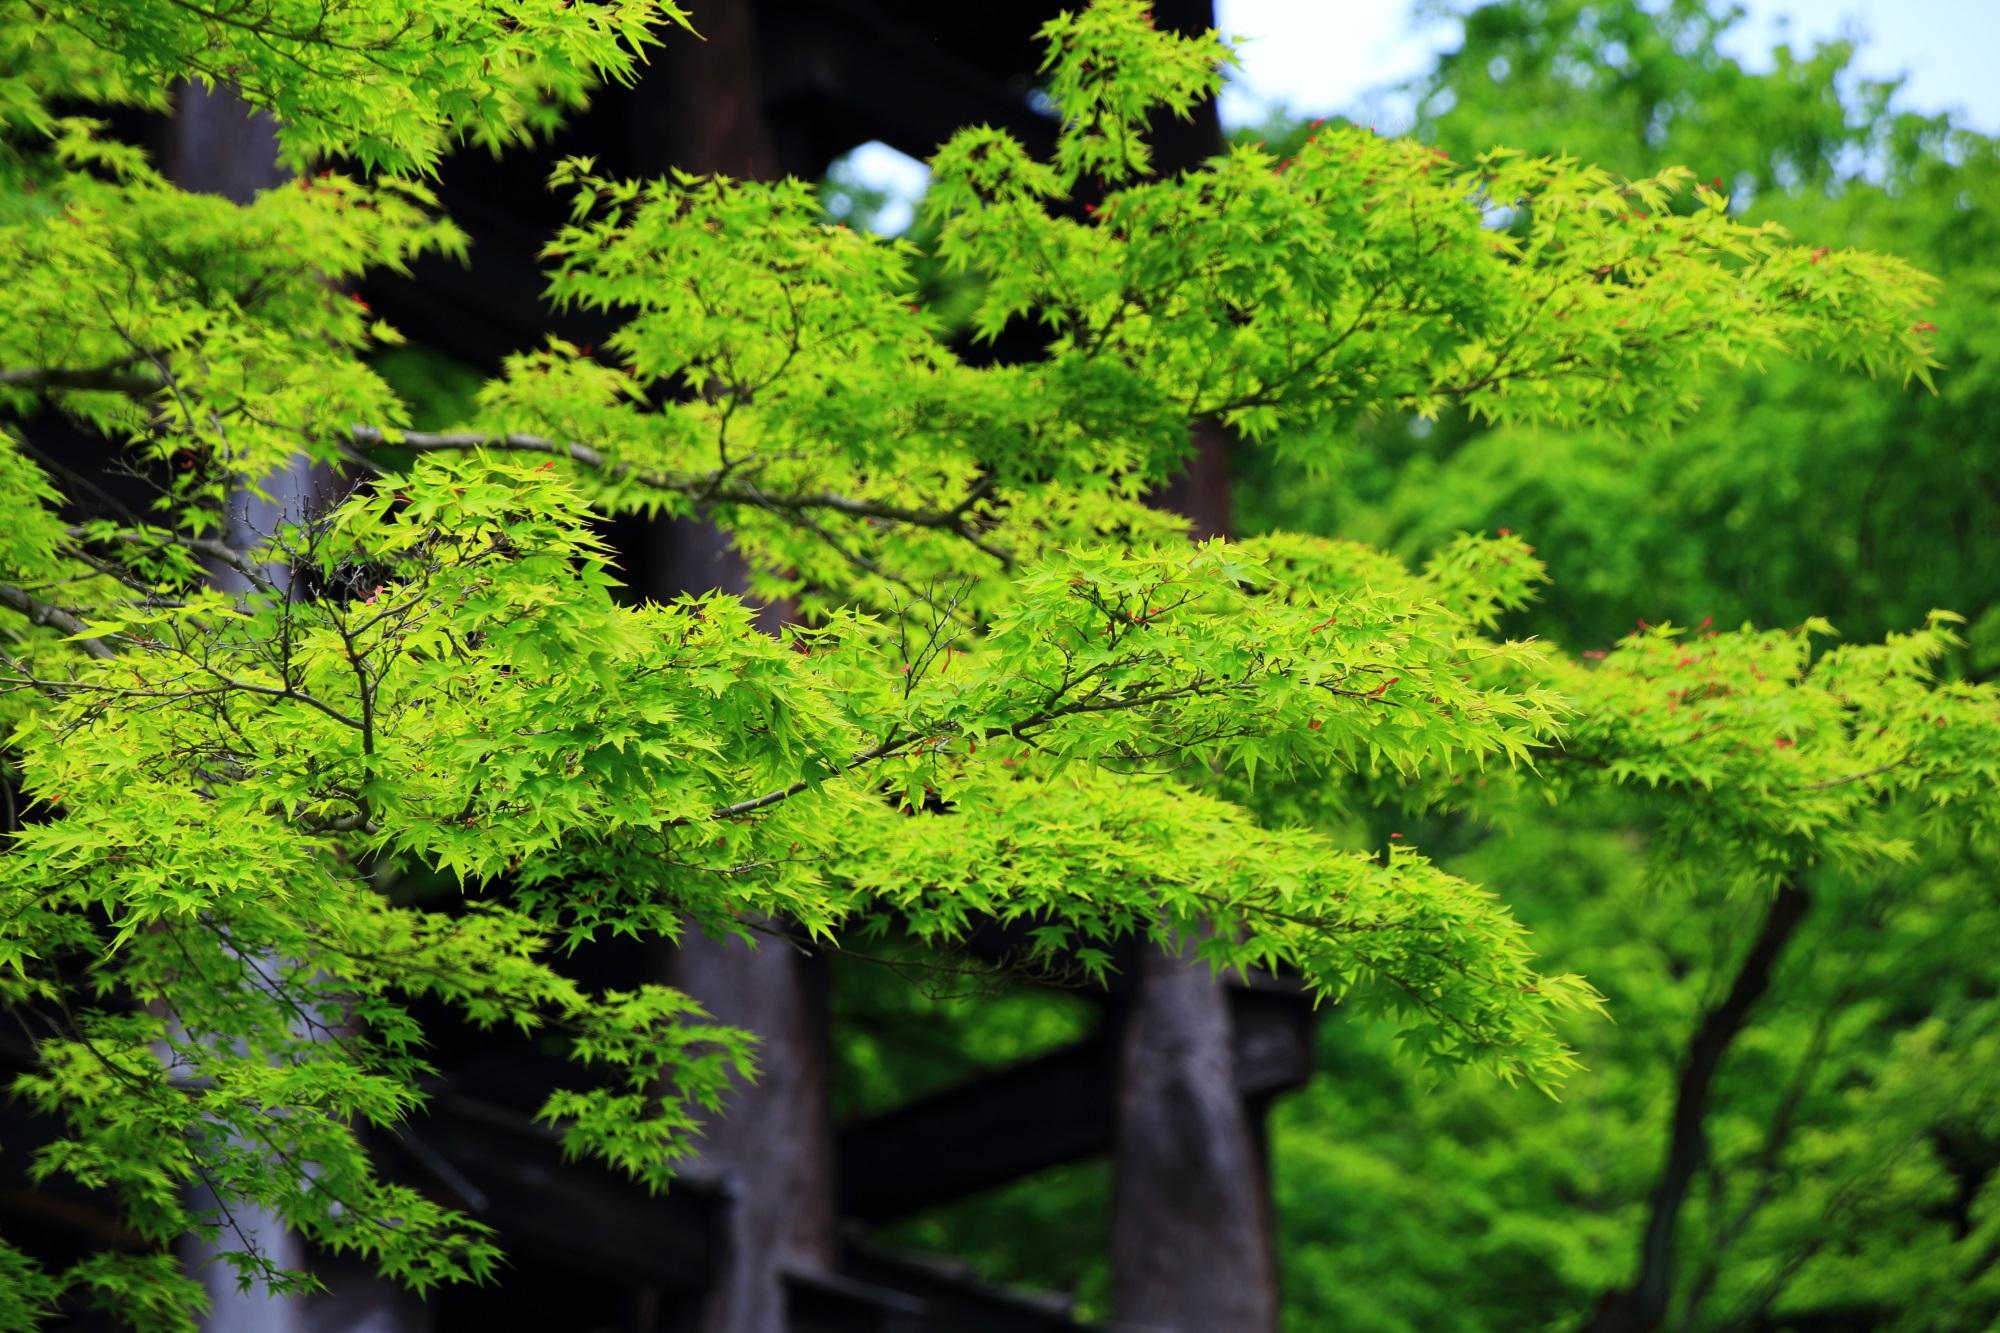 清水寺の本堂前の鮮やかな新緑